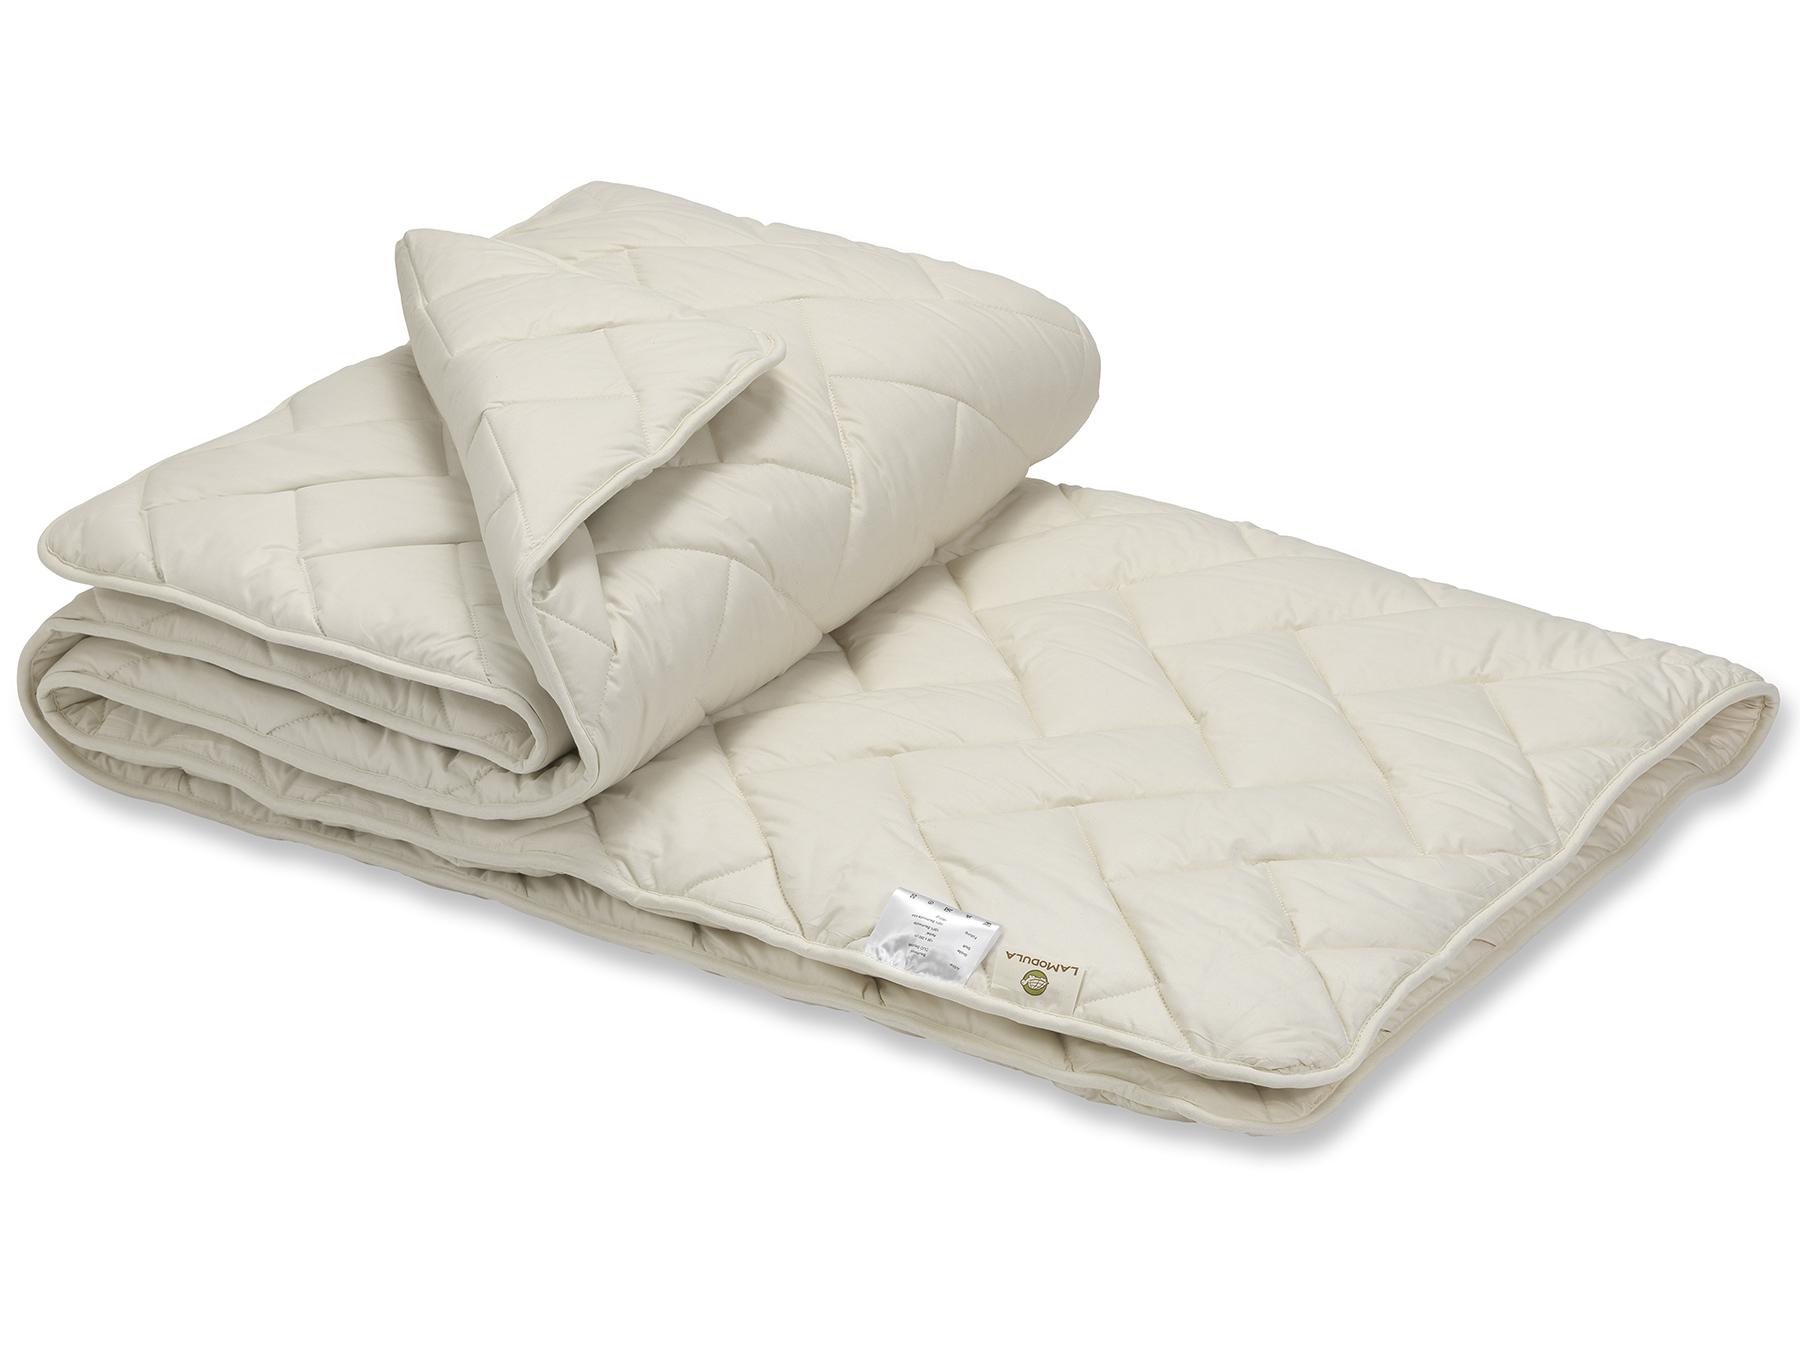 Füllung: 100 % Baumwolle (kbA), Bezug: Perkal aus Bio-Baumwolle (kbA)